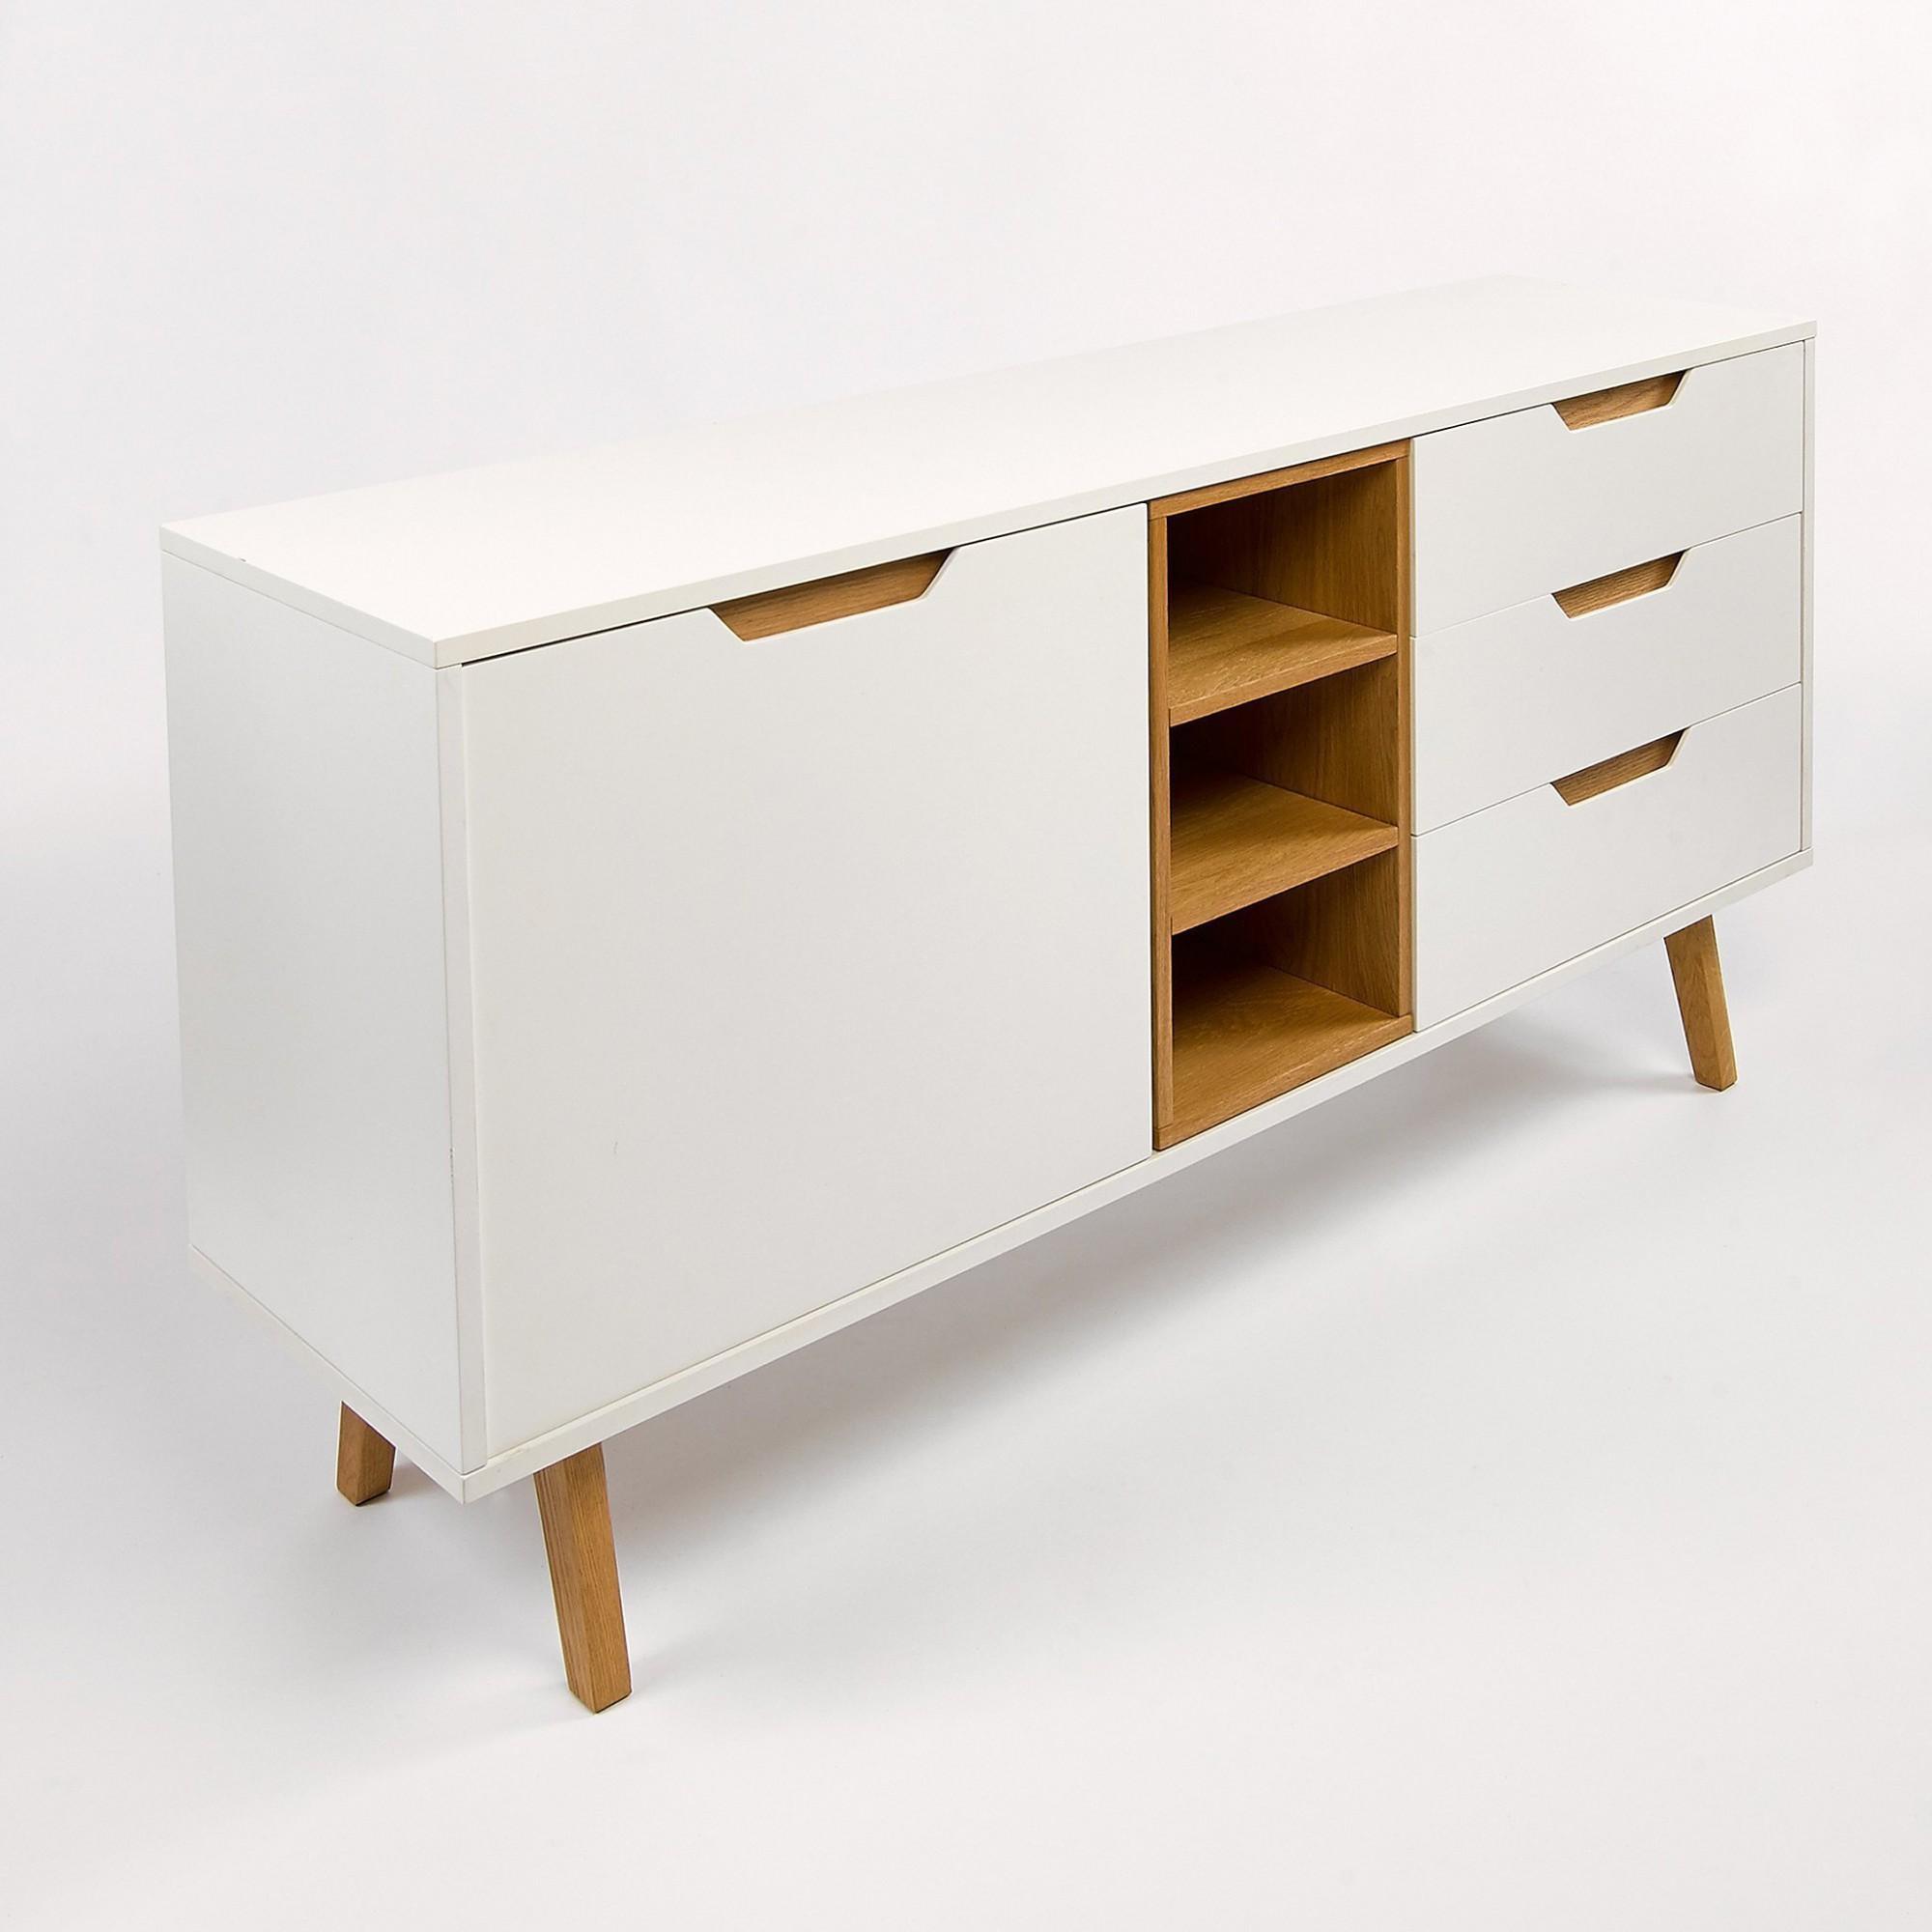 Afbeelding: Studio fotografie op locatie, packshot fotografie, meubel-kast © Simla.